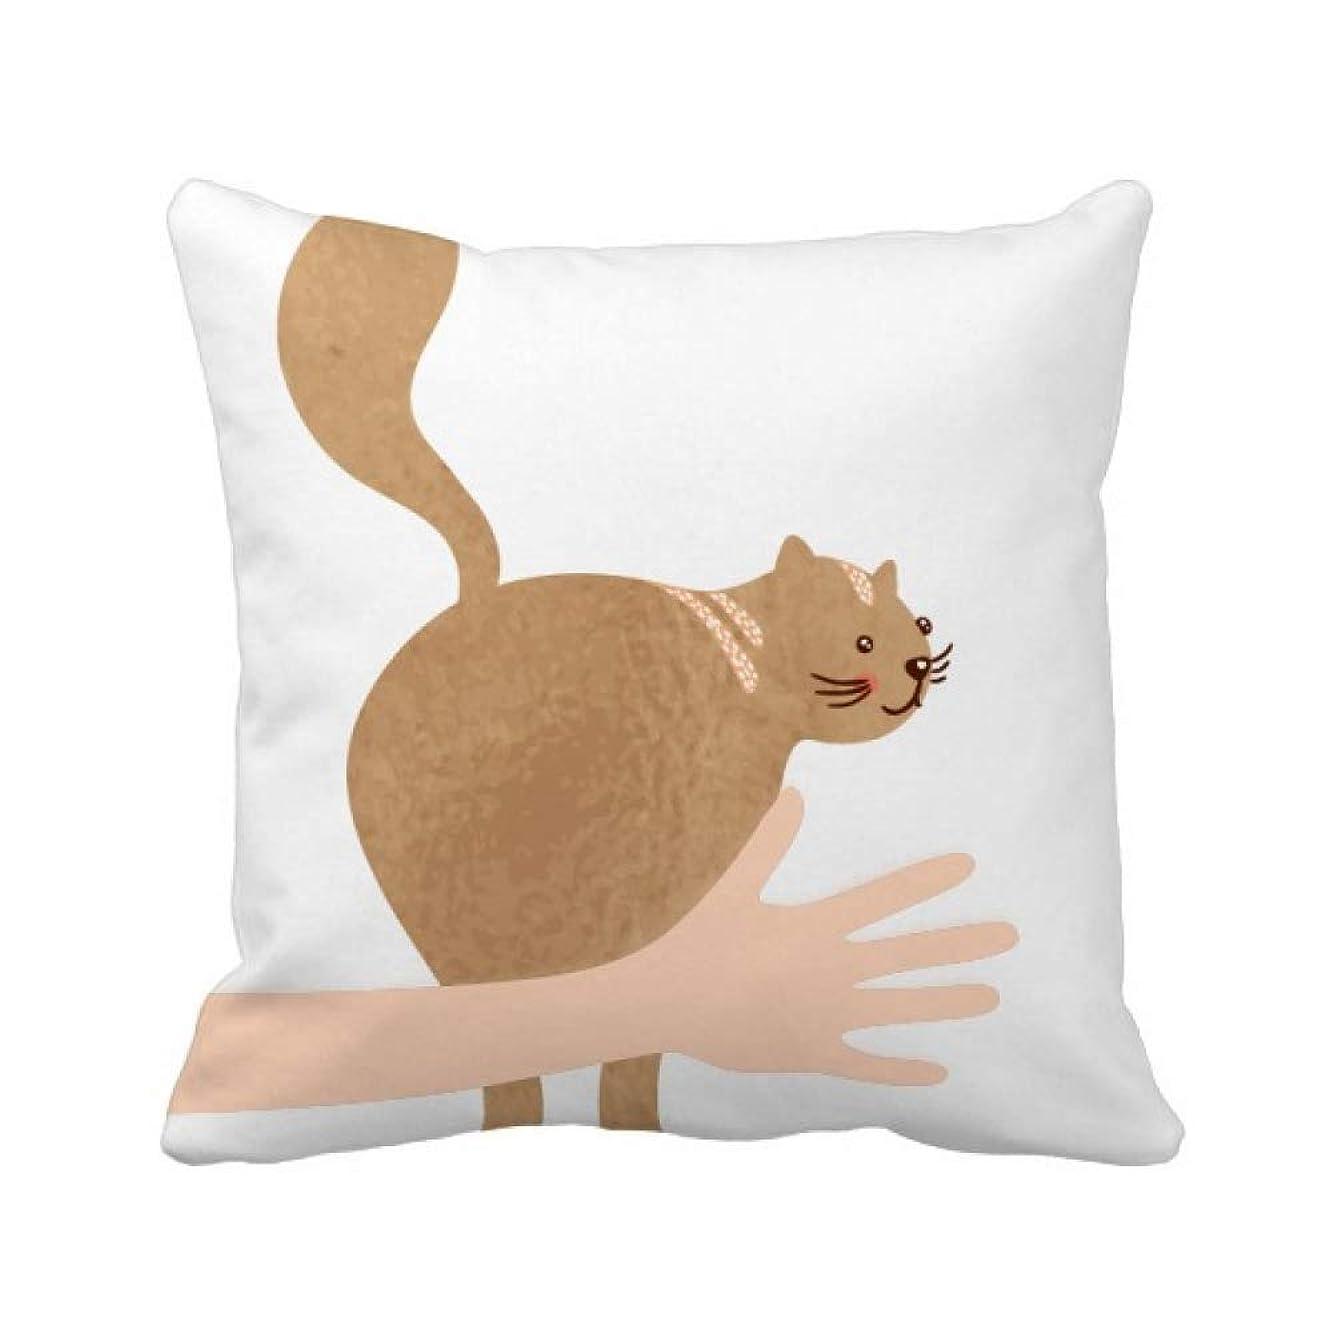 オーバーフローミネラルペインティング歩行動物の茶色のかわいい猫 手投げ枕カバー正方形